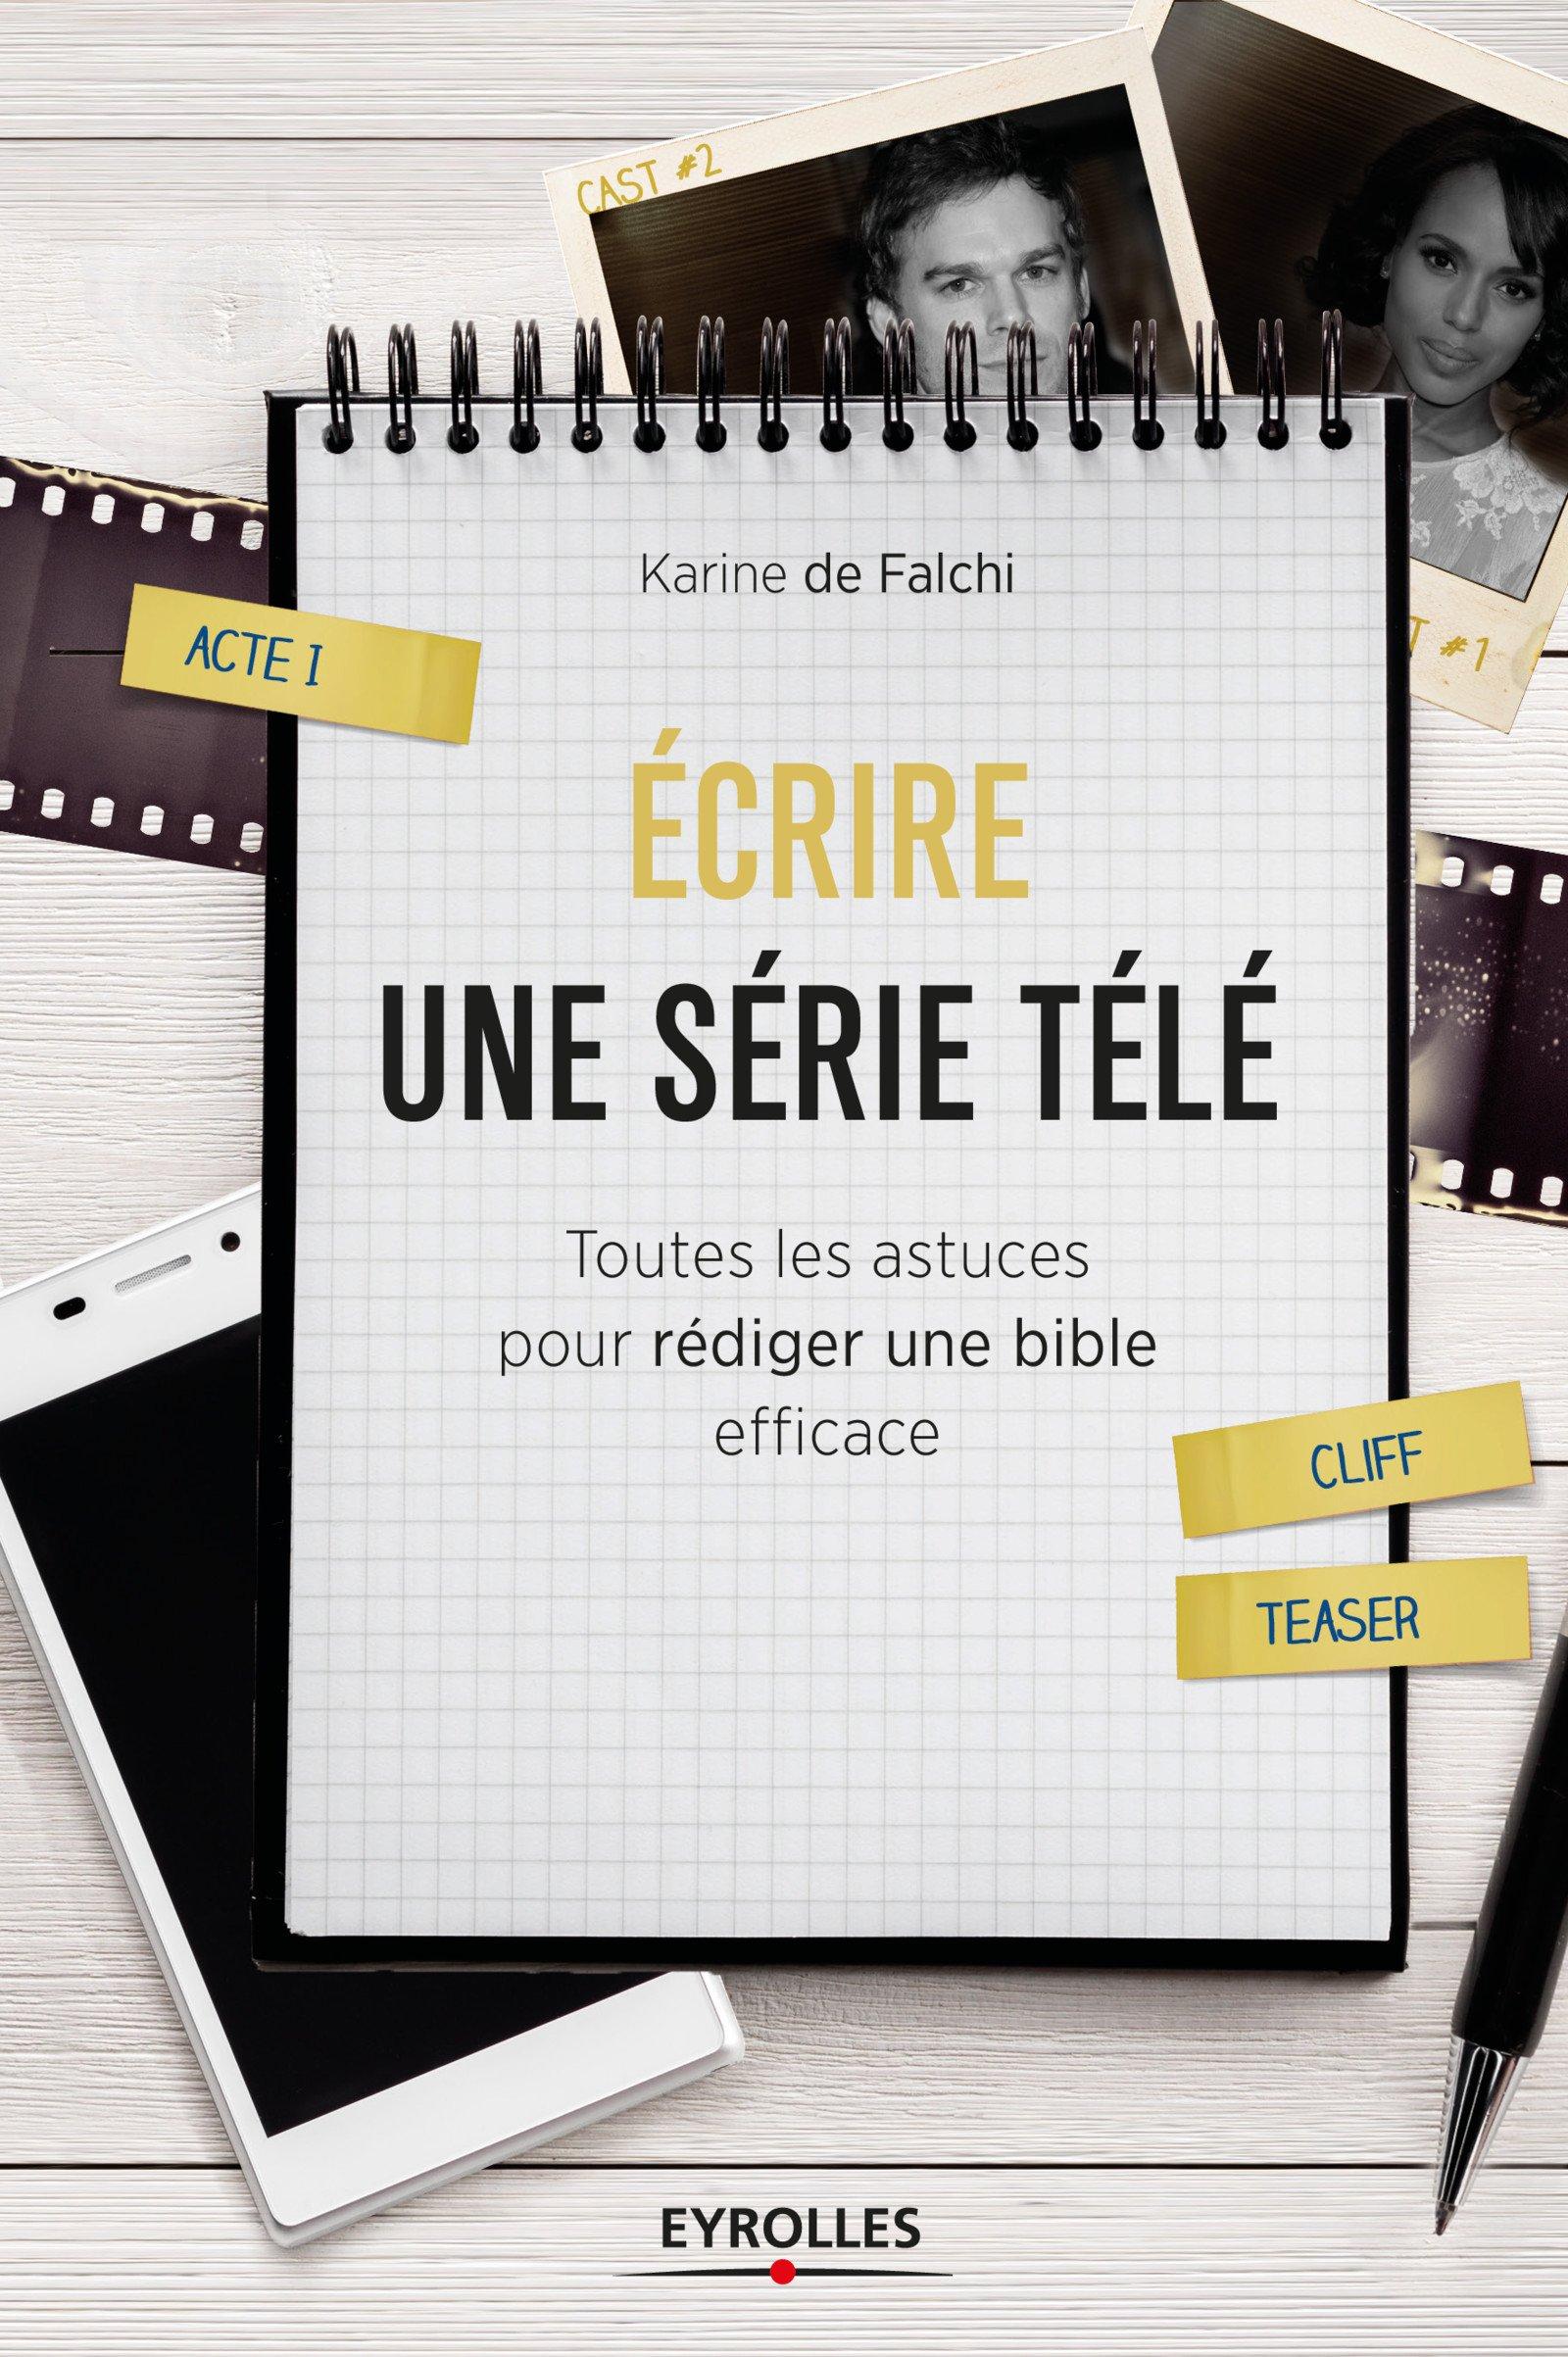 Ecrire une serie télé : Toutes les astuces pour rédiger une bible efficace